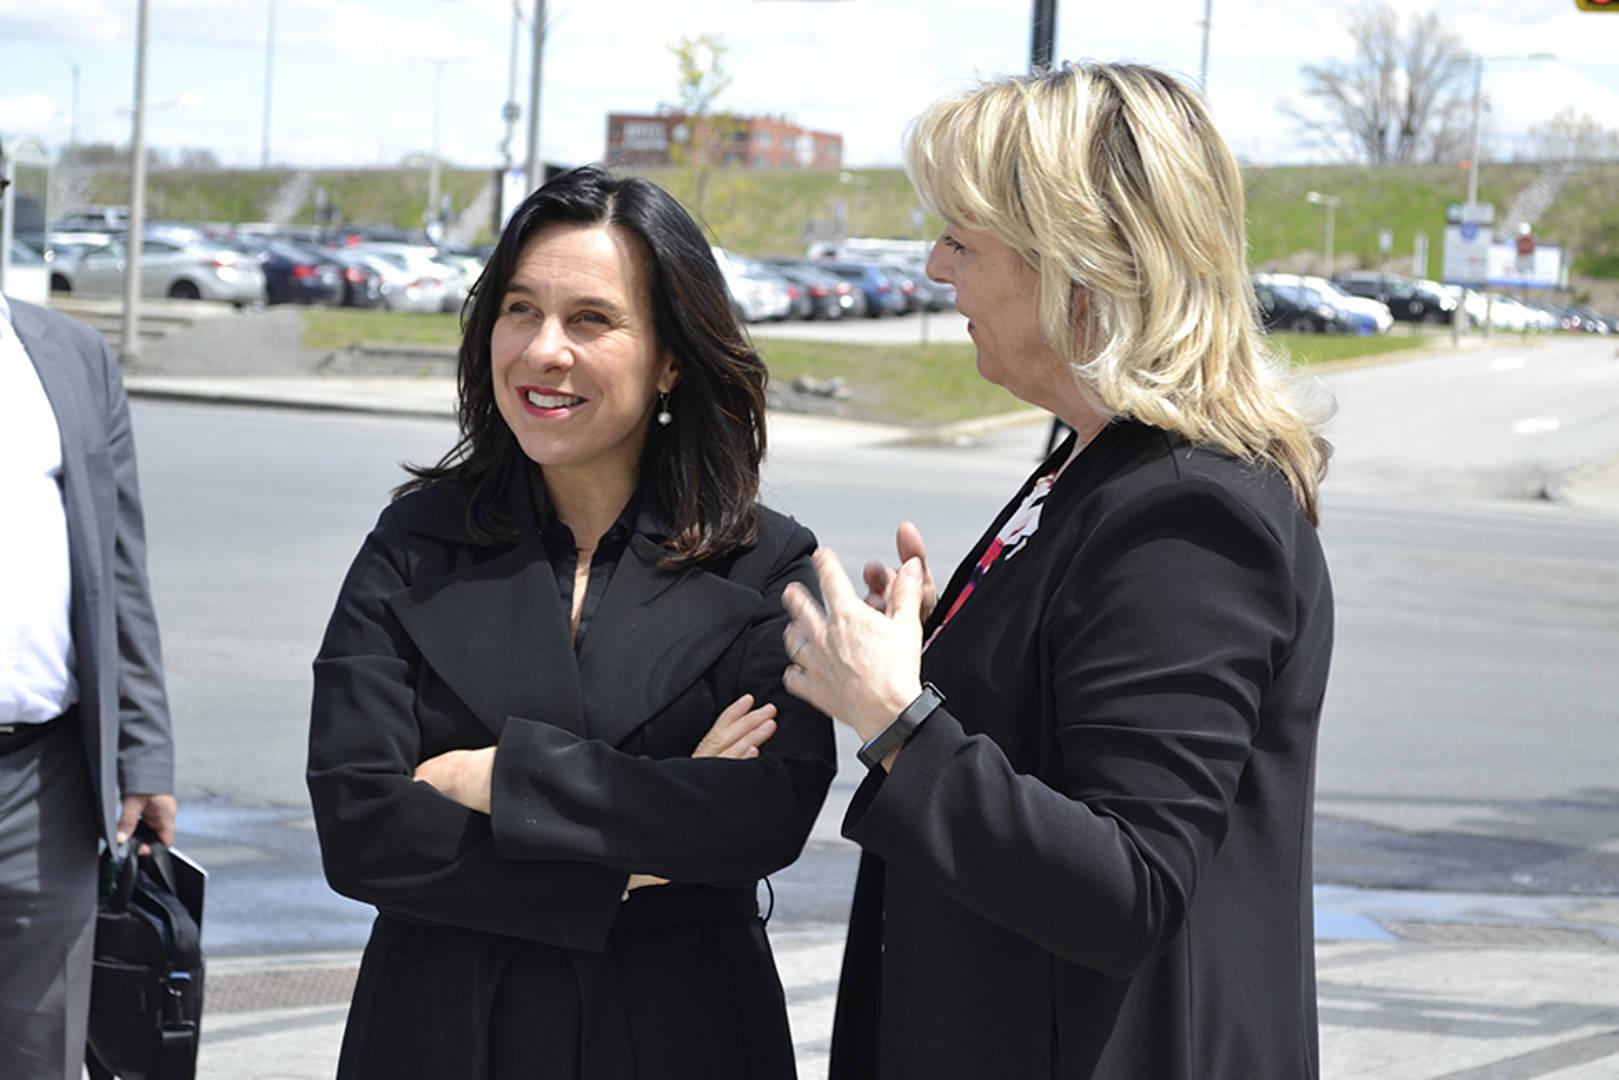 la présidente madame Valérie Plante et la mairesse de Longueuil madame Sylvie Parent à la station de métro Longueuil